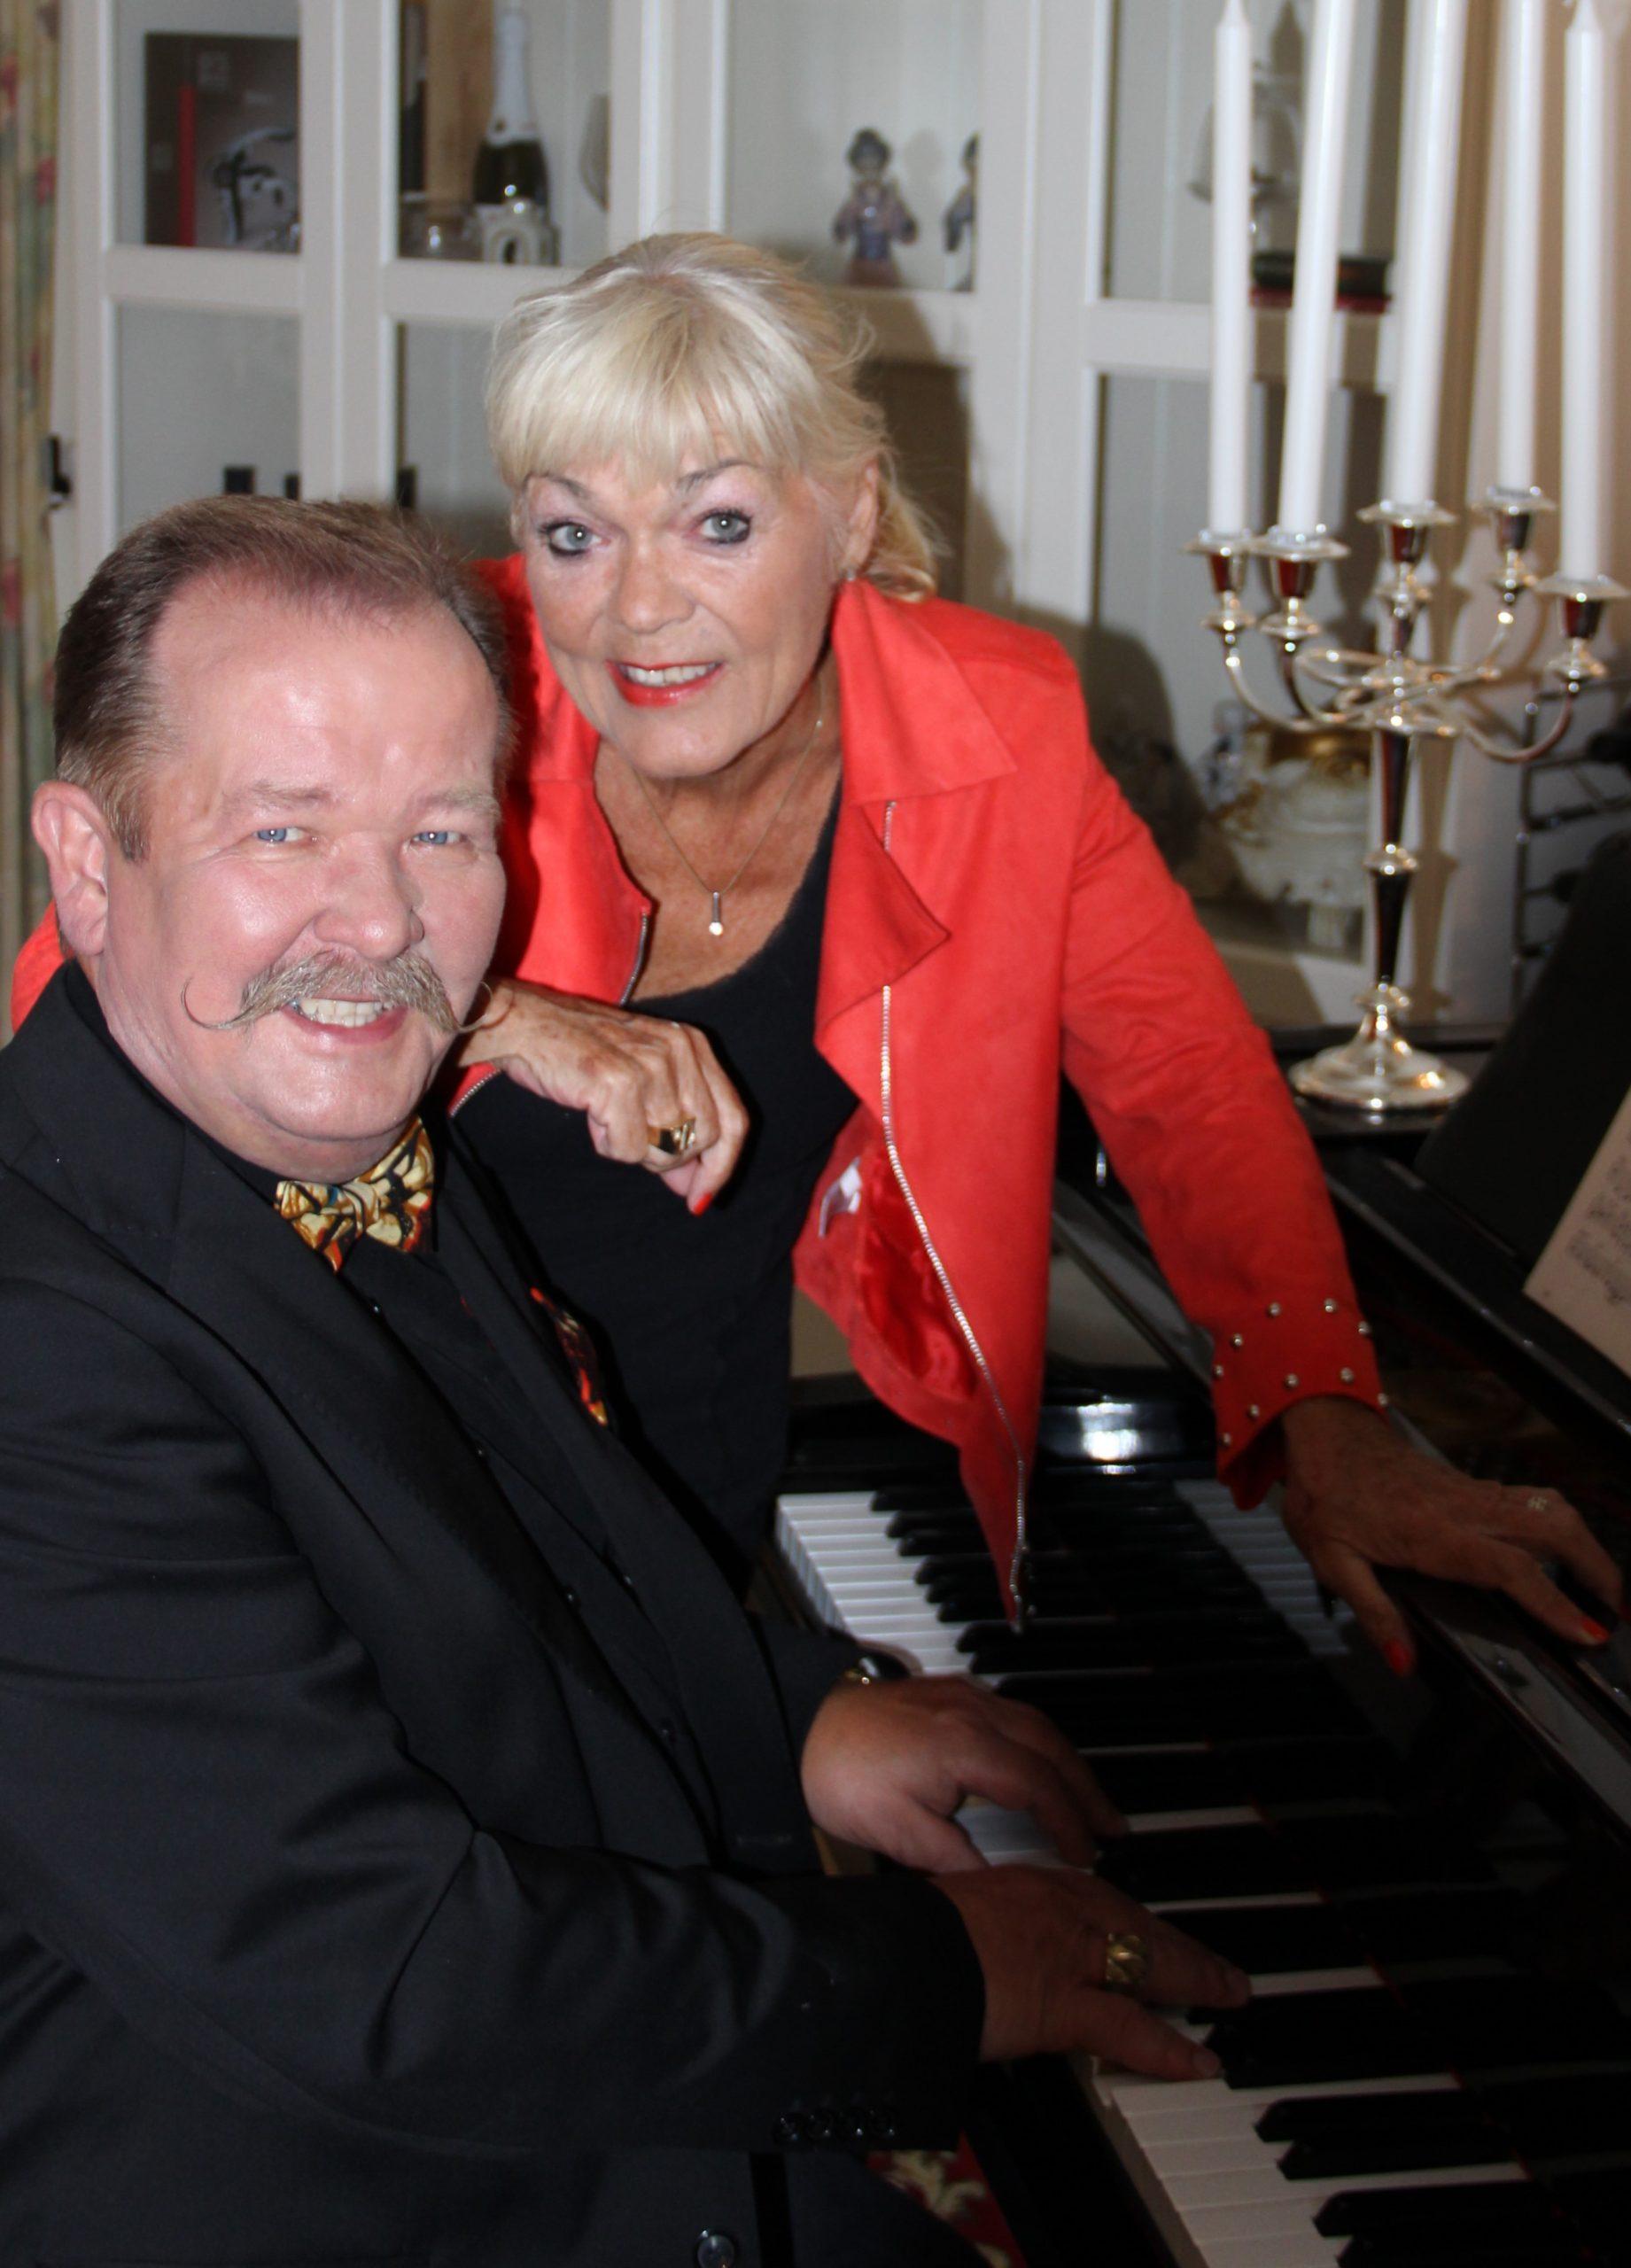 Vibe og Allan ved klaveret